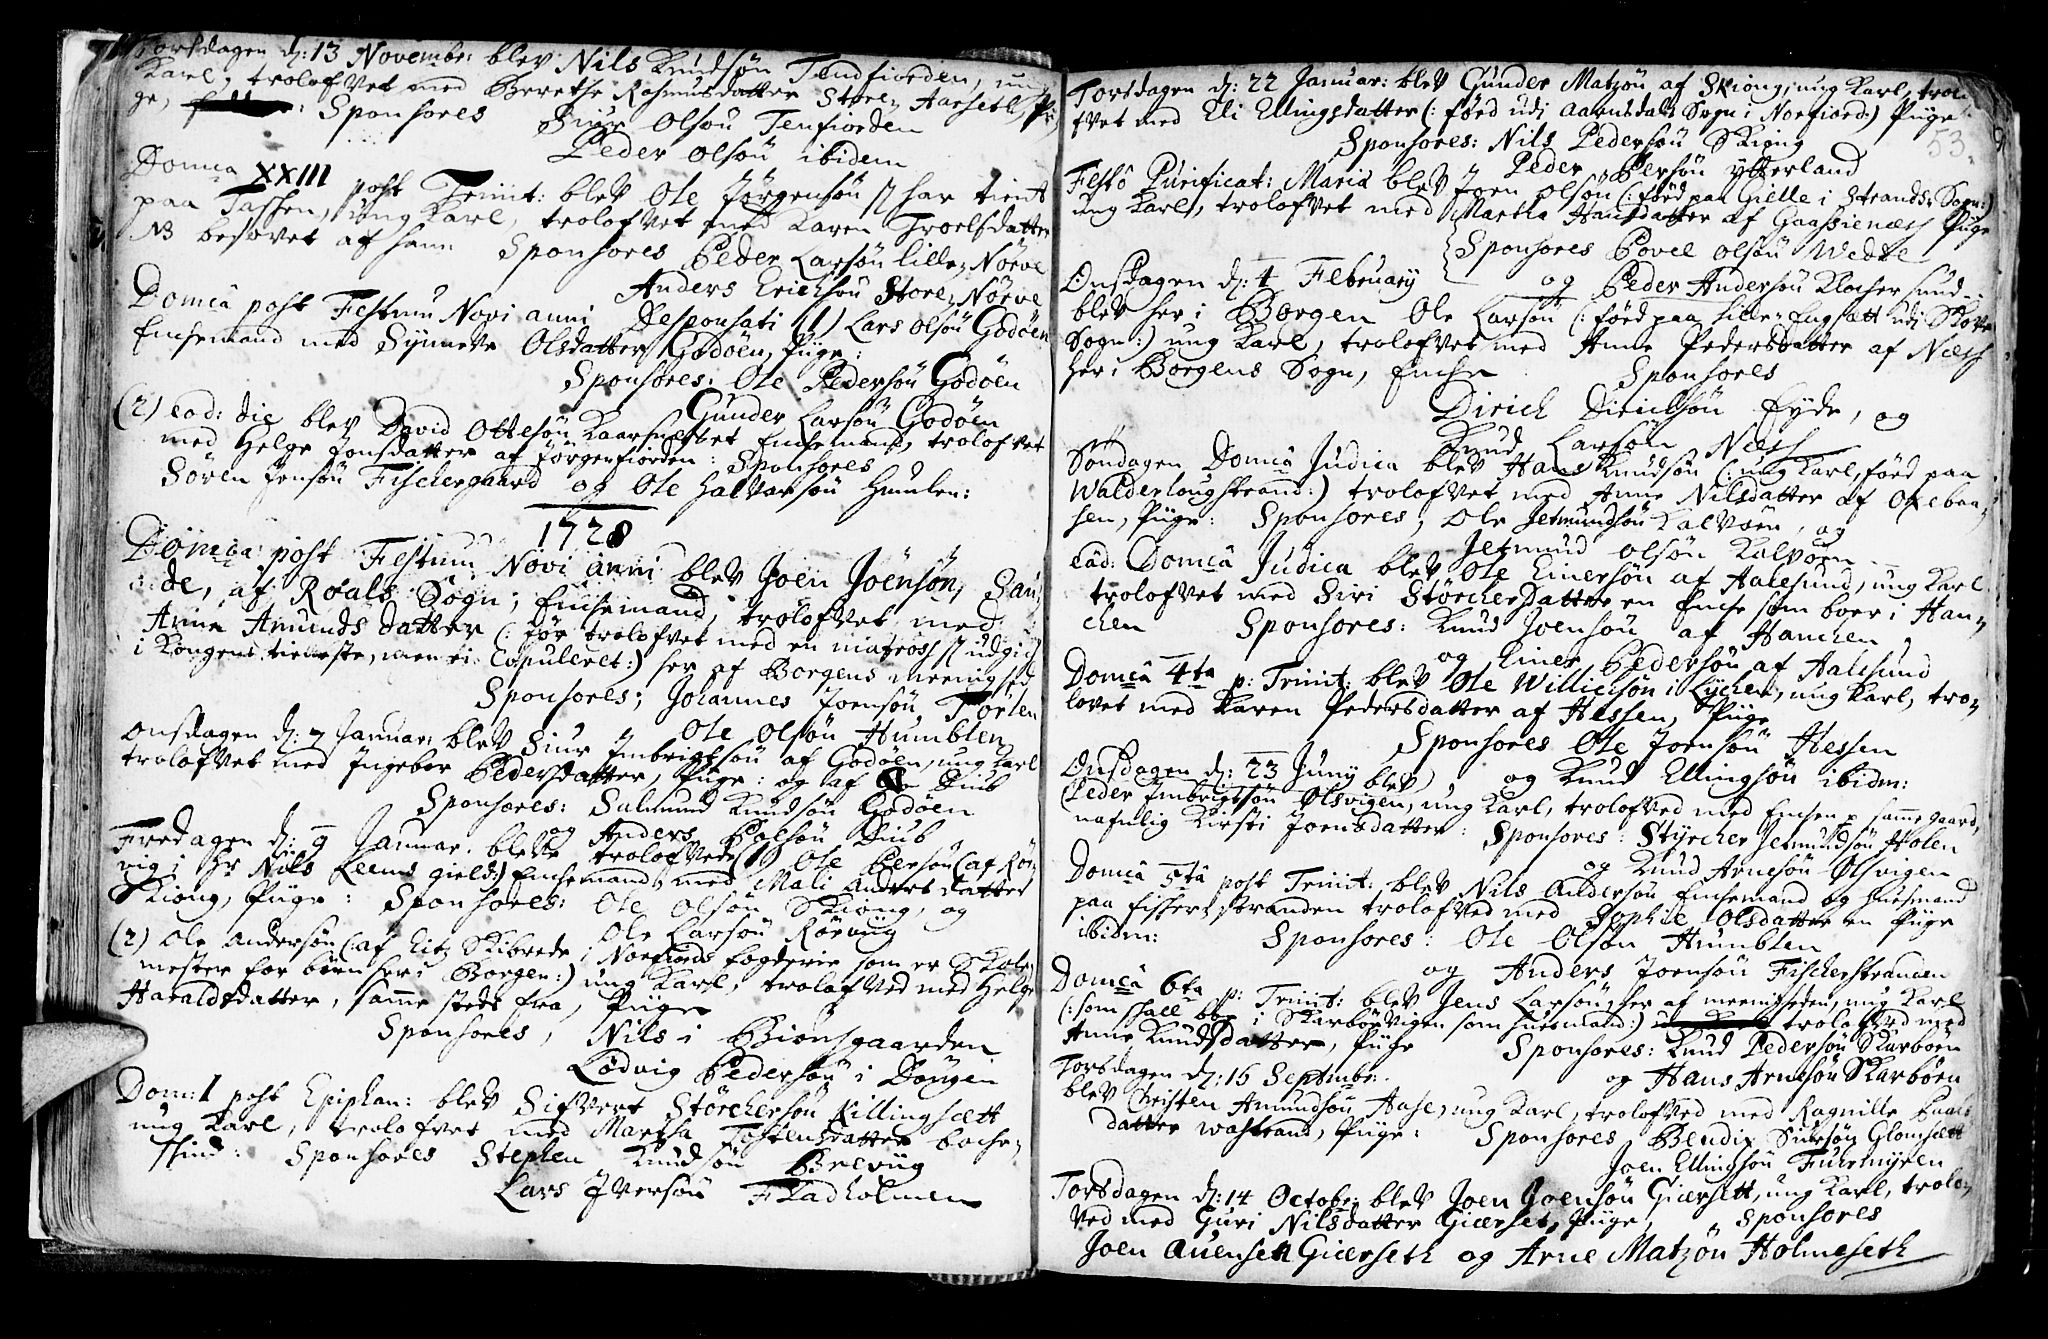 SAT, Ministerialprotokoller, klokkerbøker og fødselsregistre - Møre og Romsdal, 528/L0390: Ministerialbok nr. 528A01, 1698-1739, s. 52-53